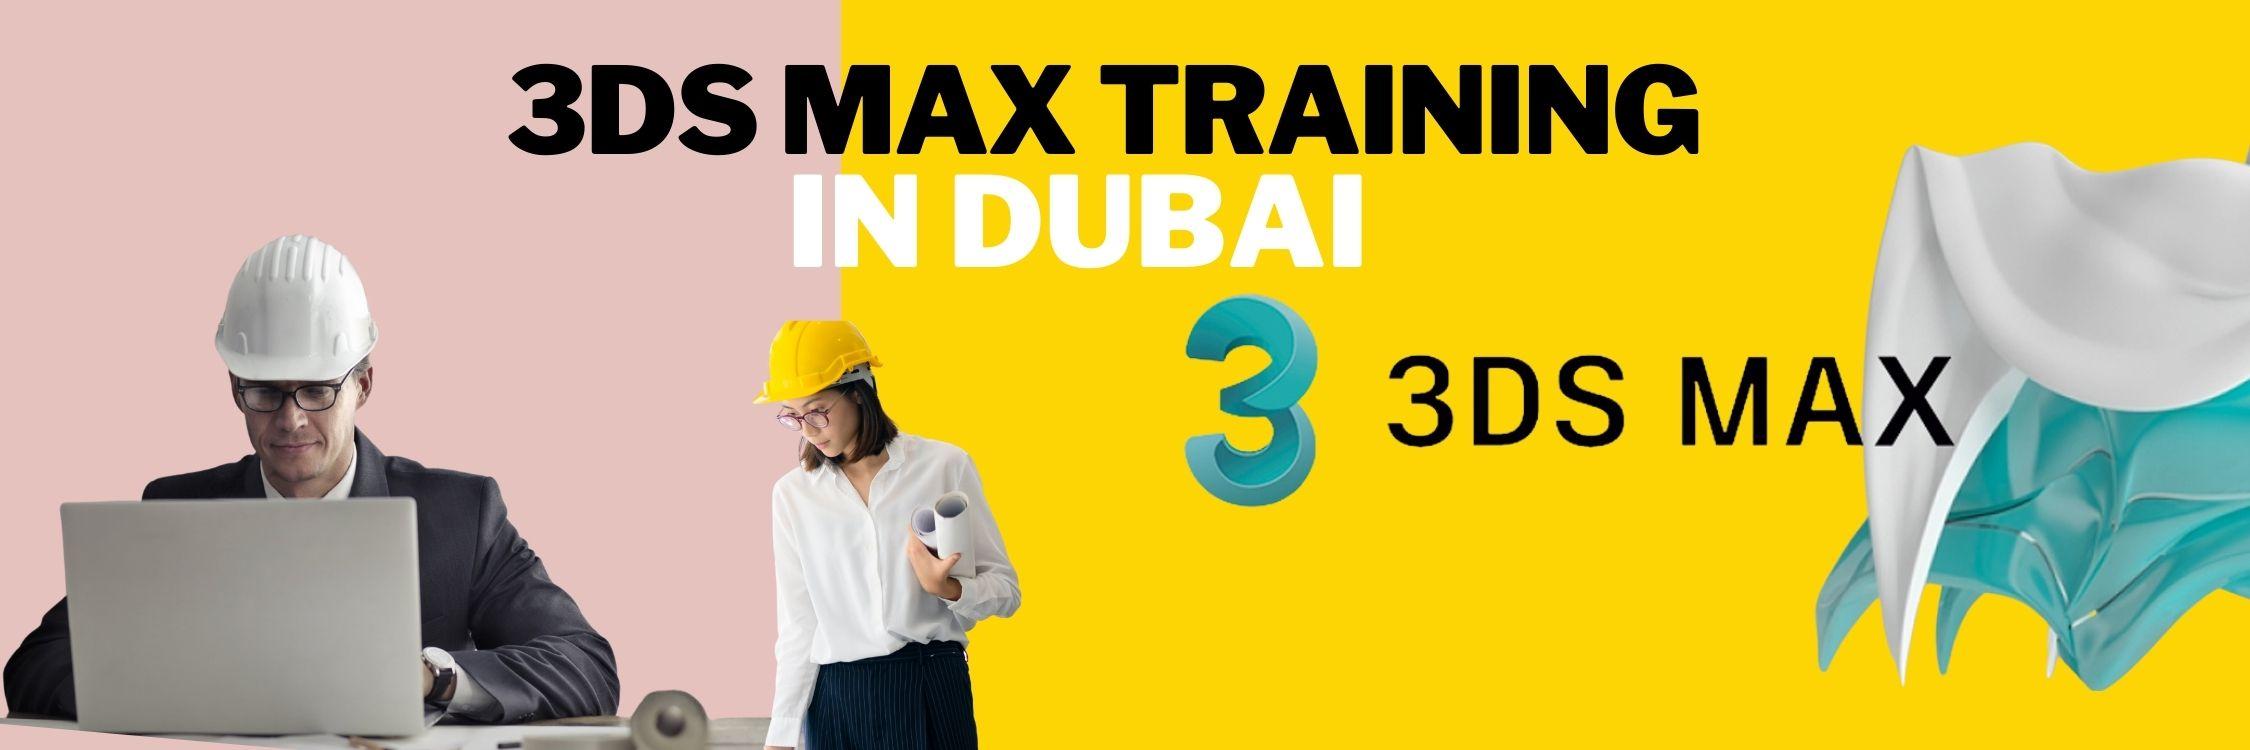 3ds Max Training in Dubai